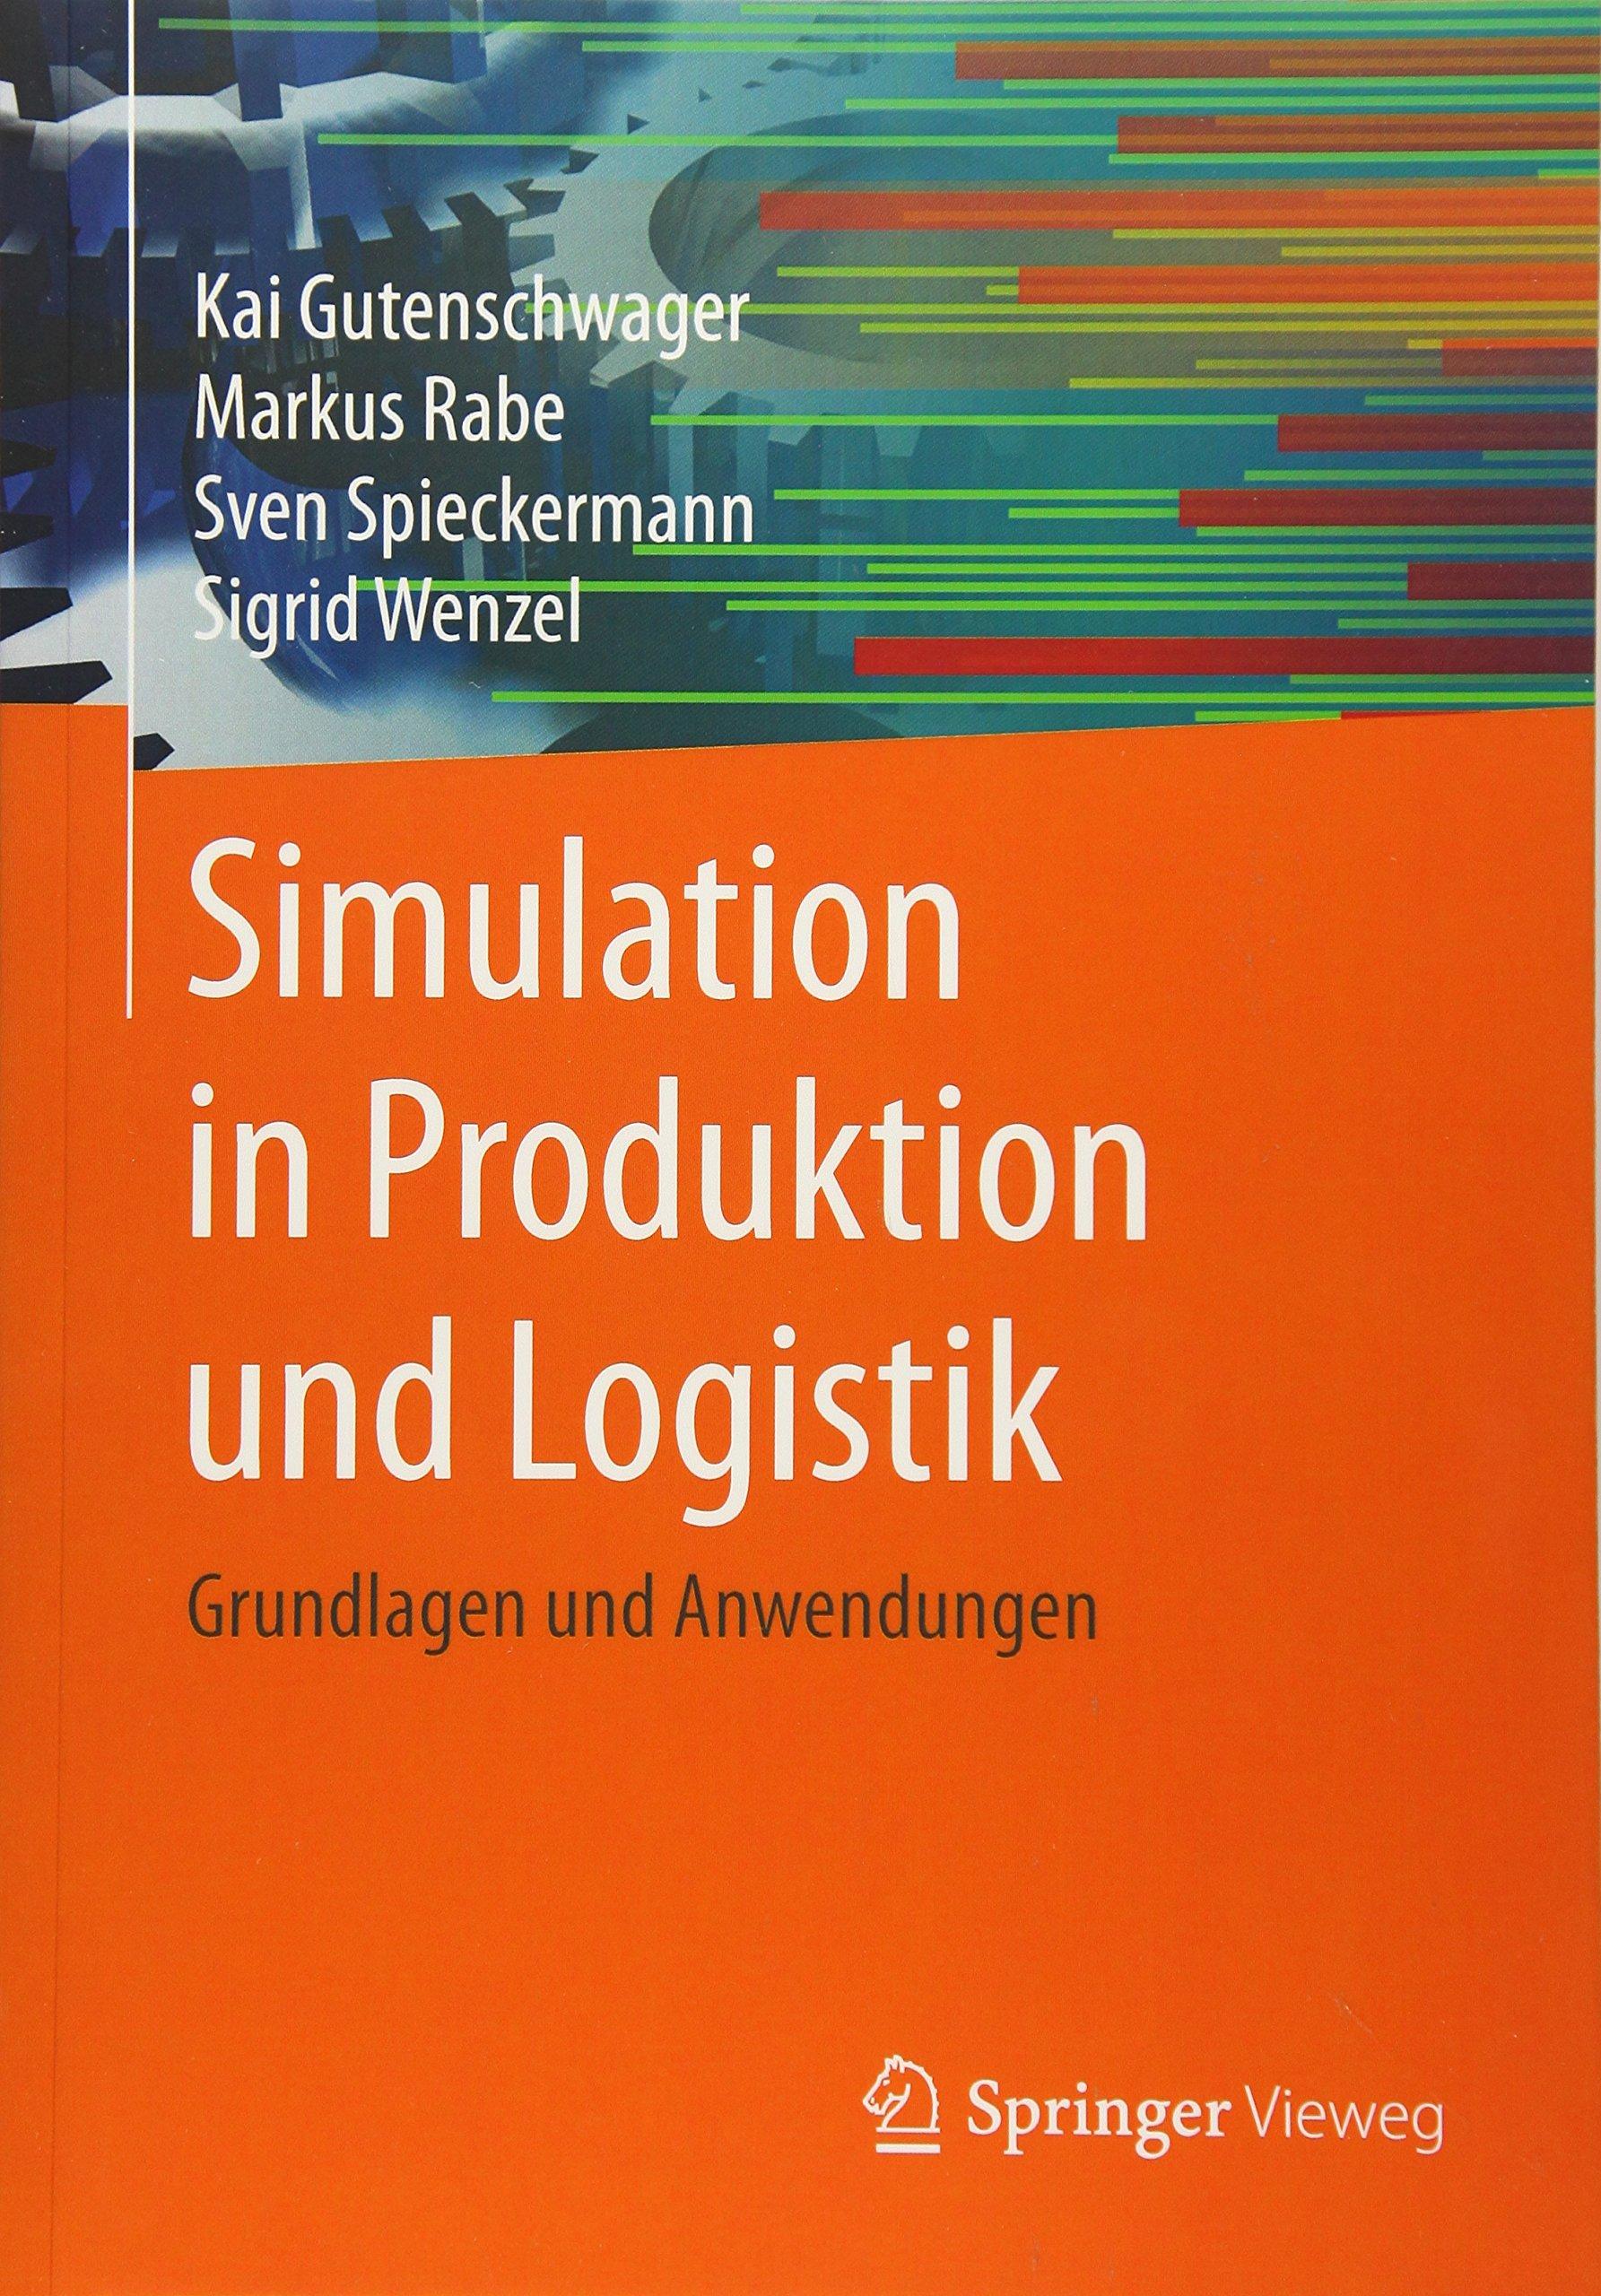 Simulation in Produktion und Logistik: Grundlagen und Anwendungen Taschenbuch – 8. Dezember 2017 Kai Gutenschwager Markus Rabe Sven Spieckermann Sigrid Wenzel